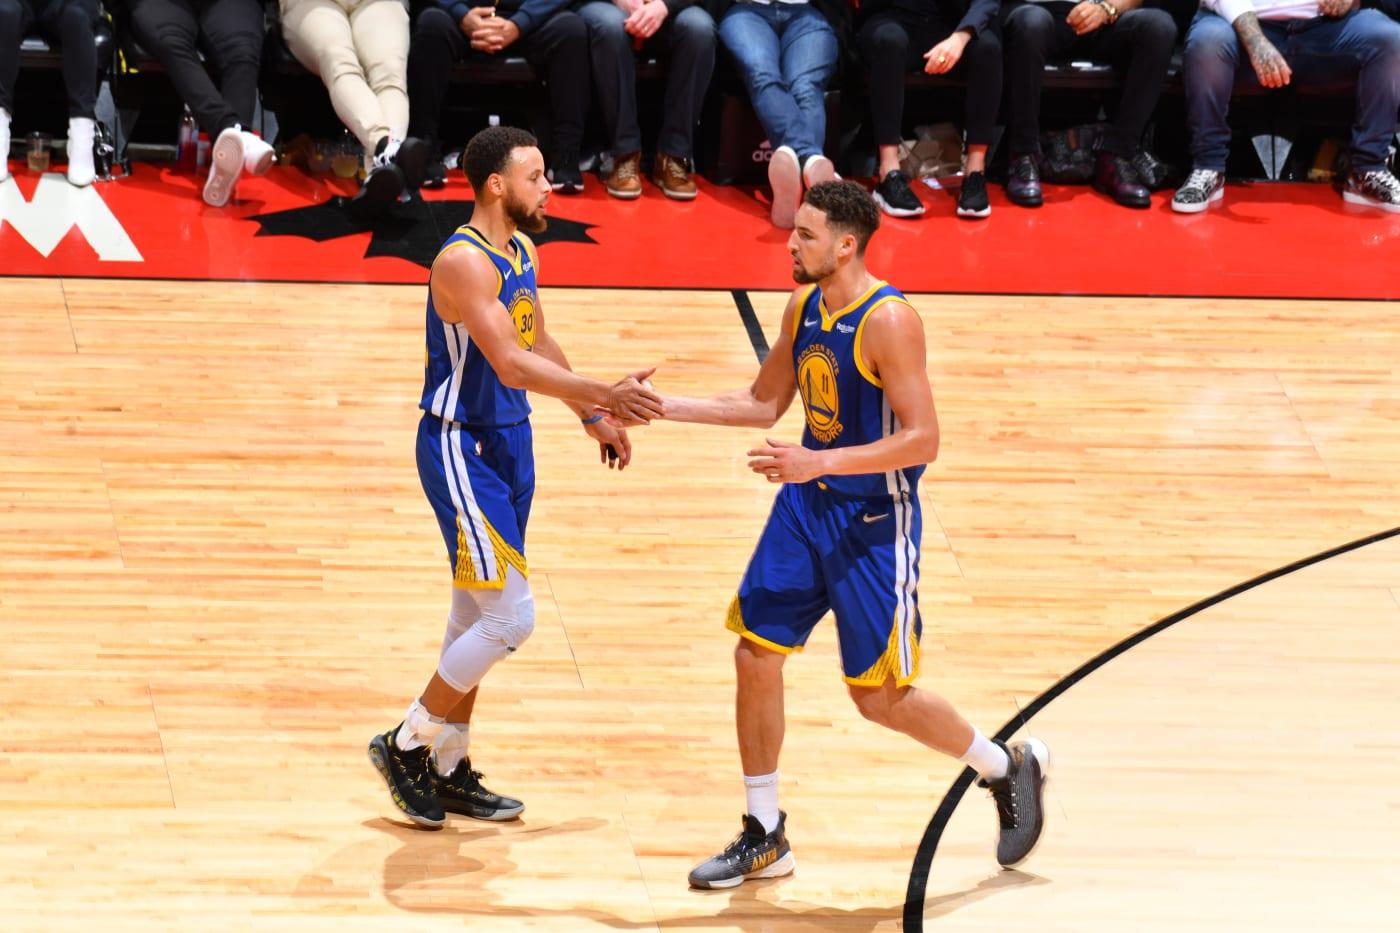 Steph Curry & Klay Thompson